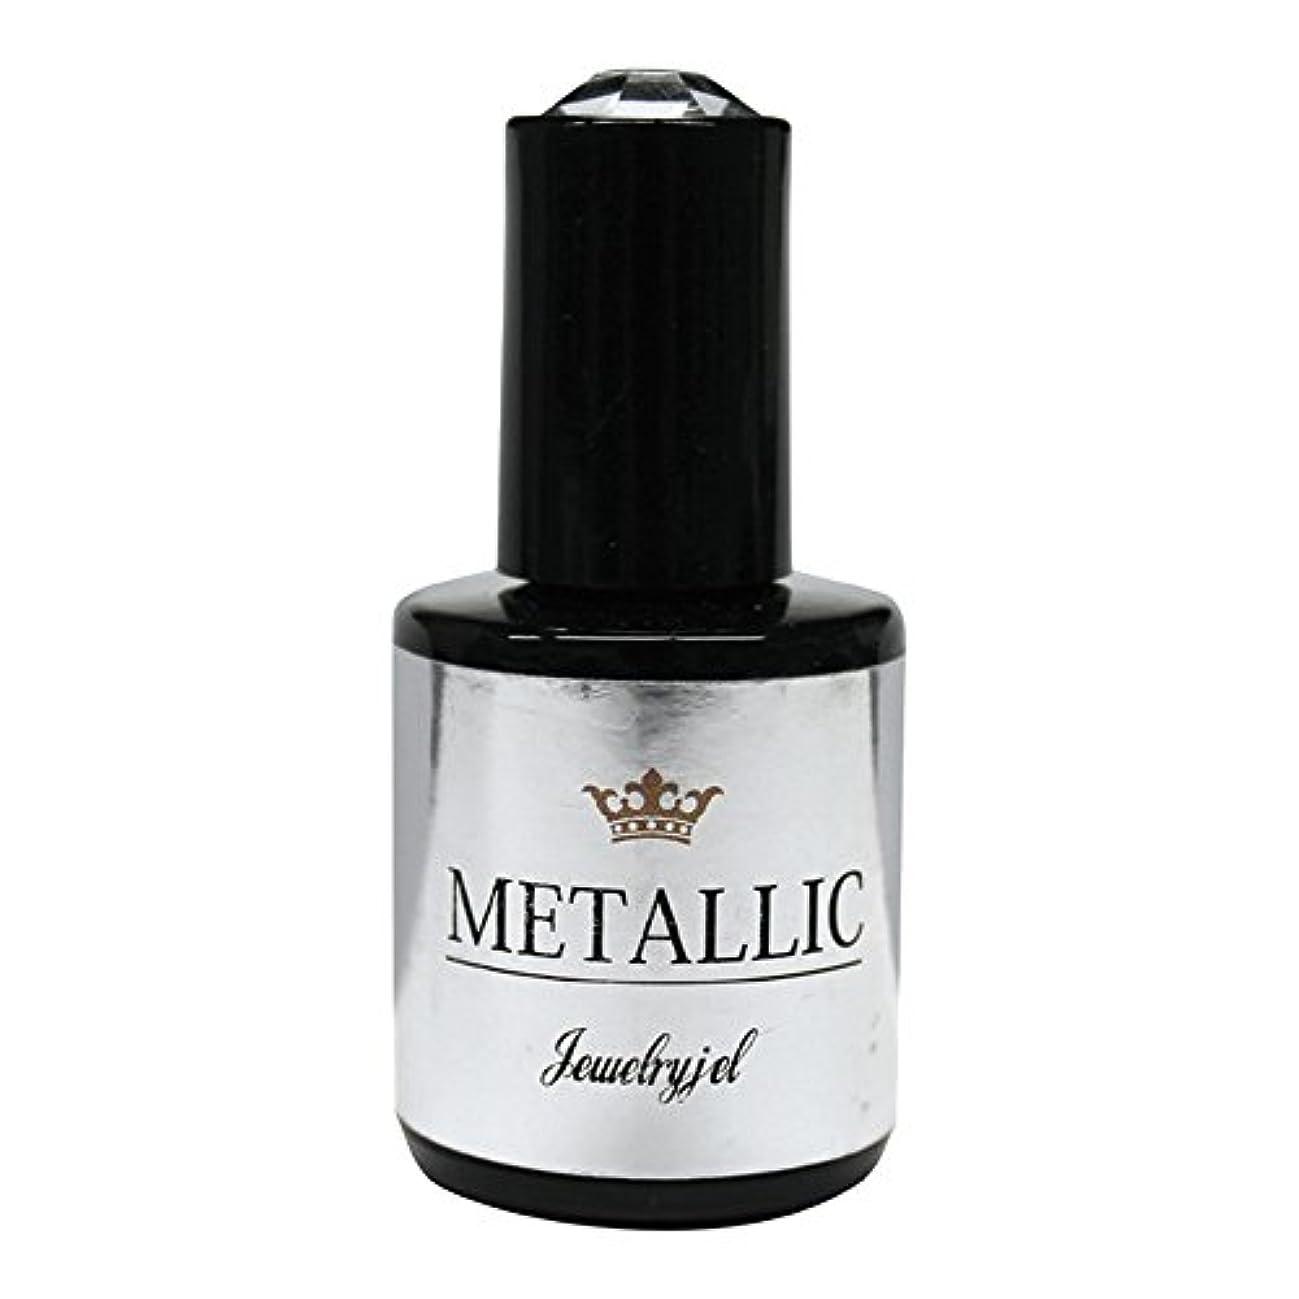 野生カスタム自然ジュエリージェル ジェルネイル メタリックカラージェル MT022 5ml   UV/LED対応 カラージェル ソークオフジェル